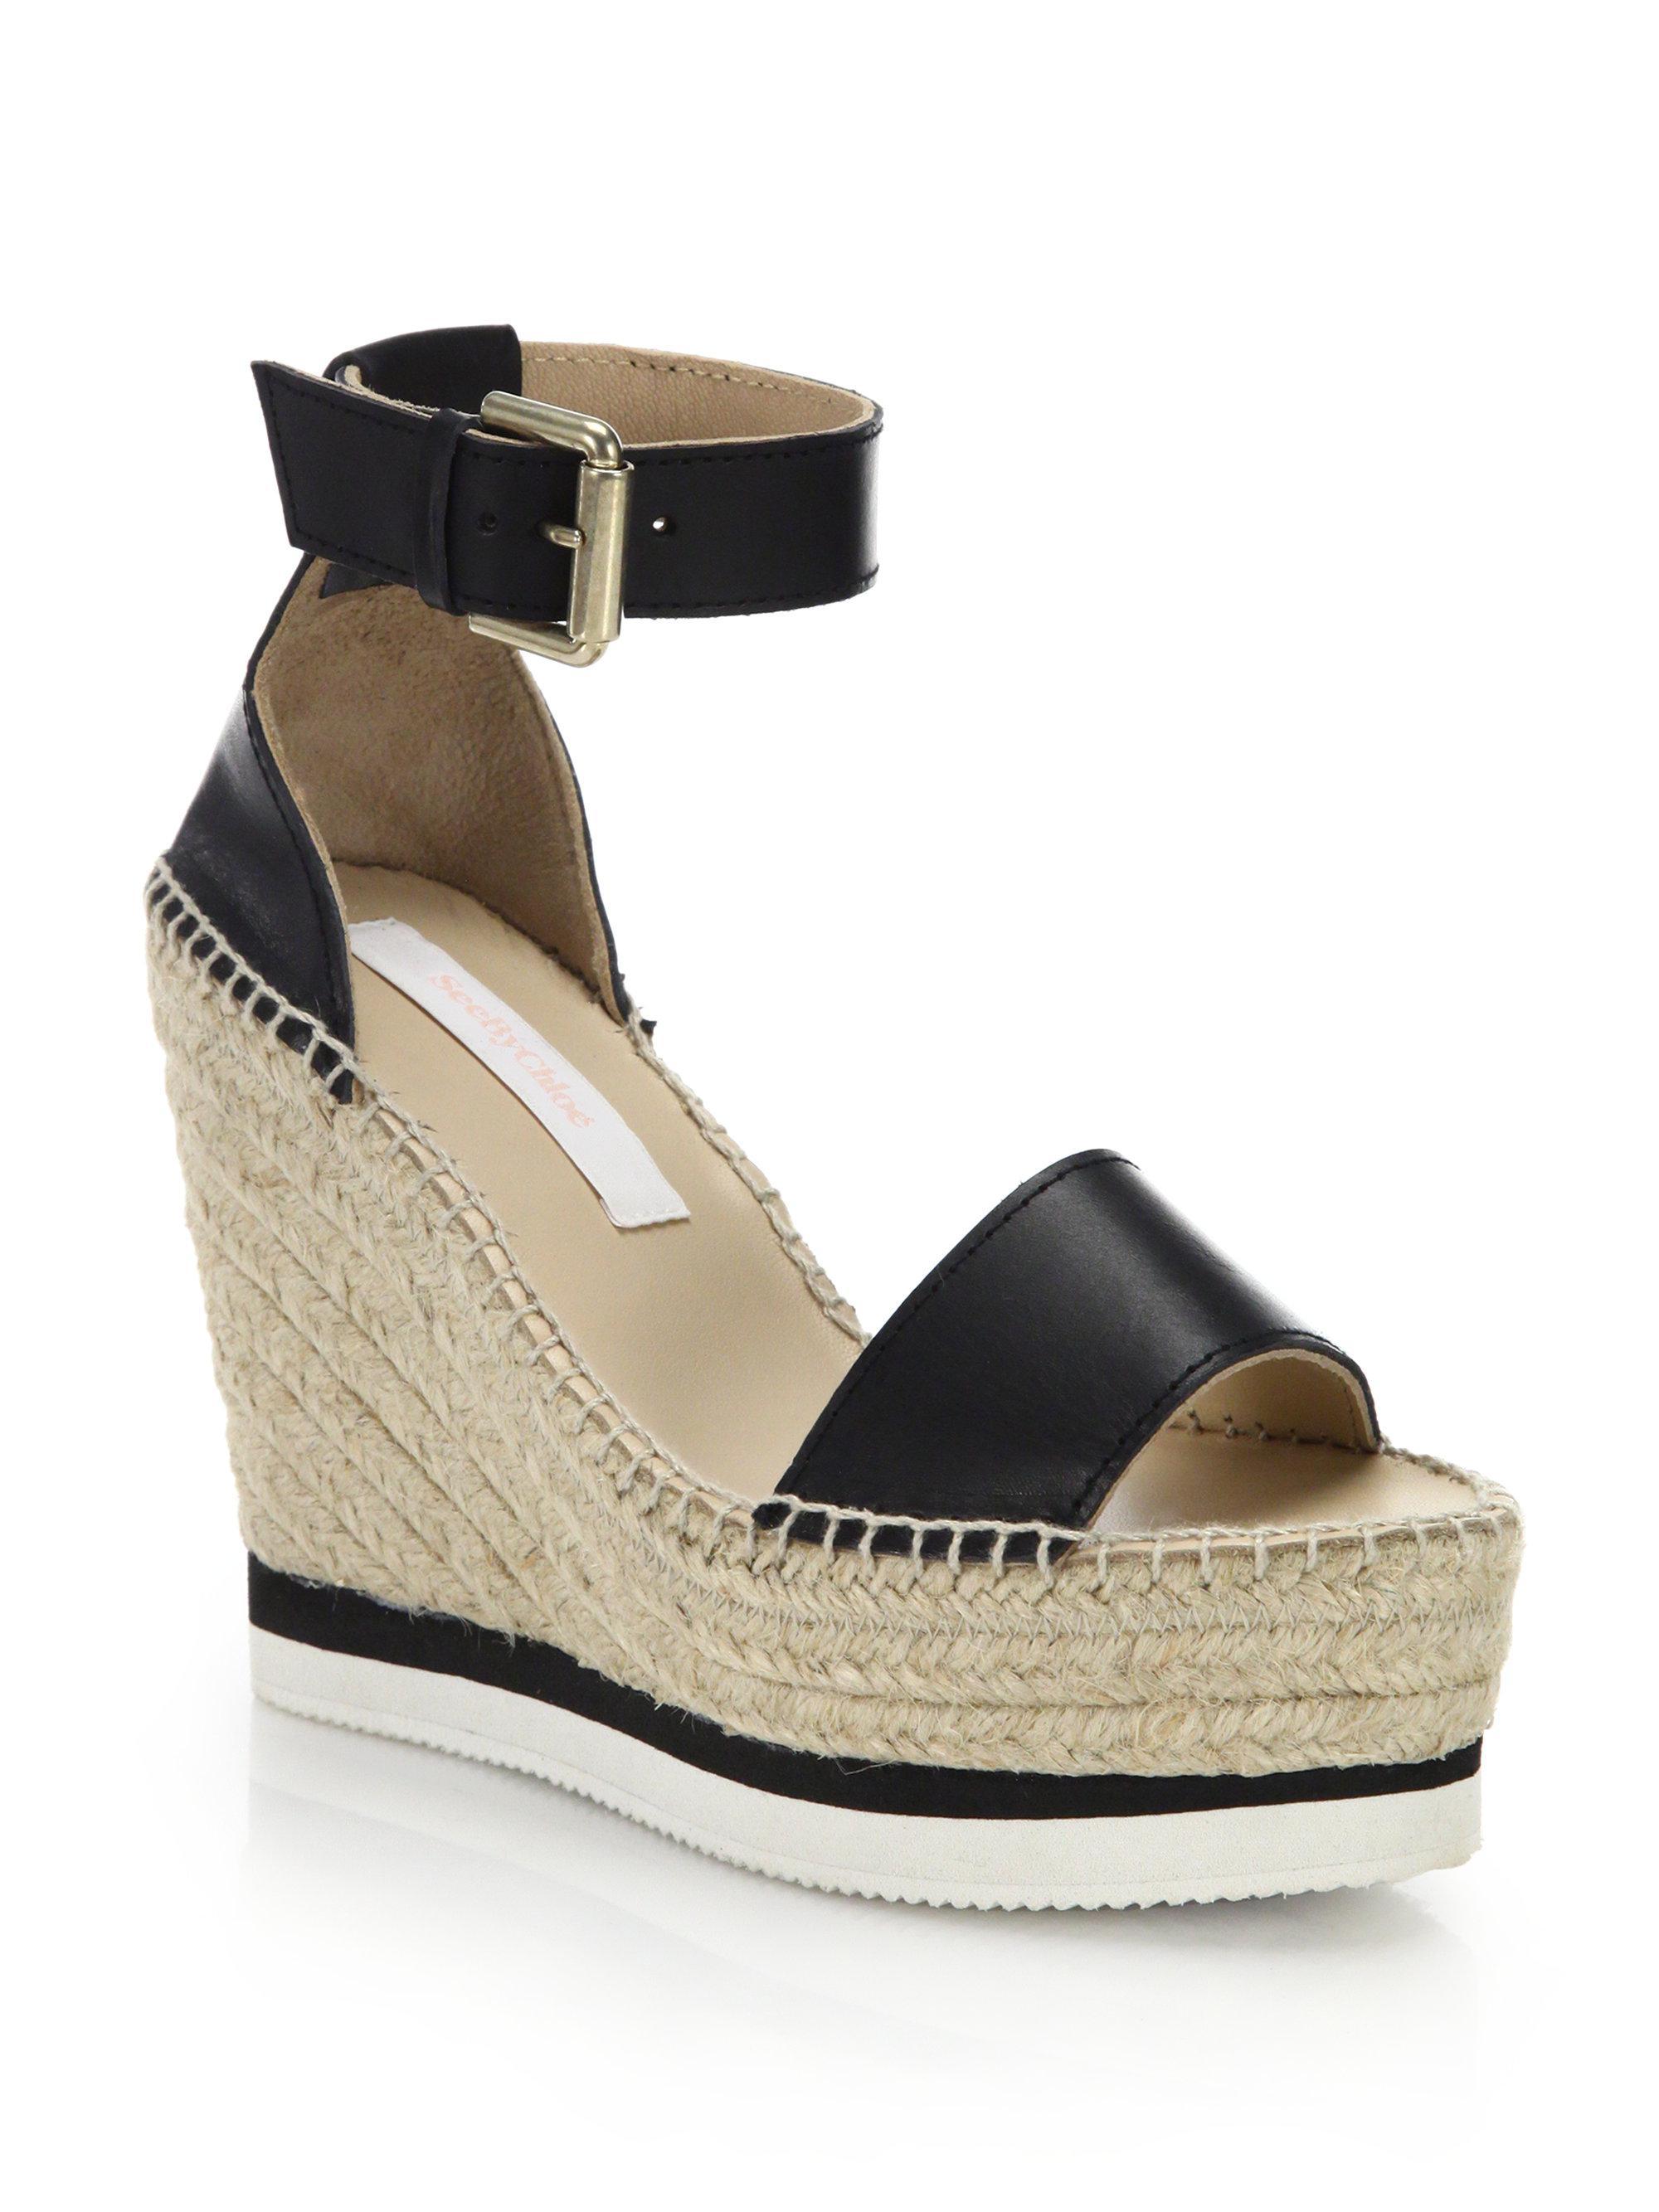 Chloé Black Delphine Sandals ffhkp